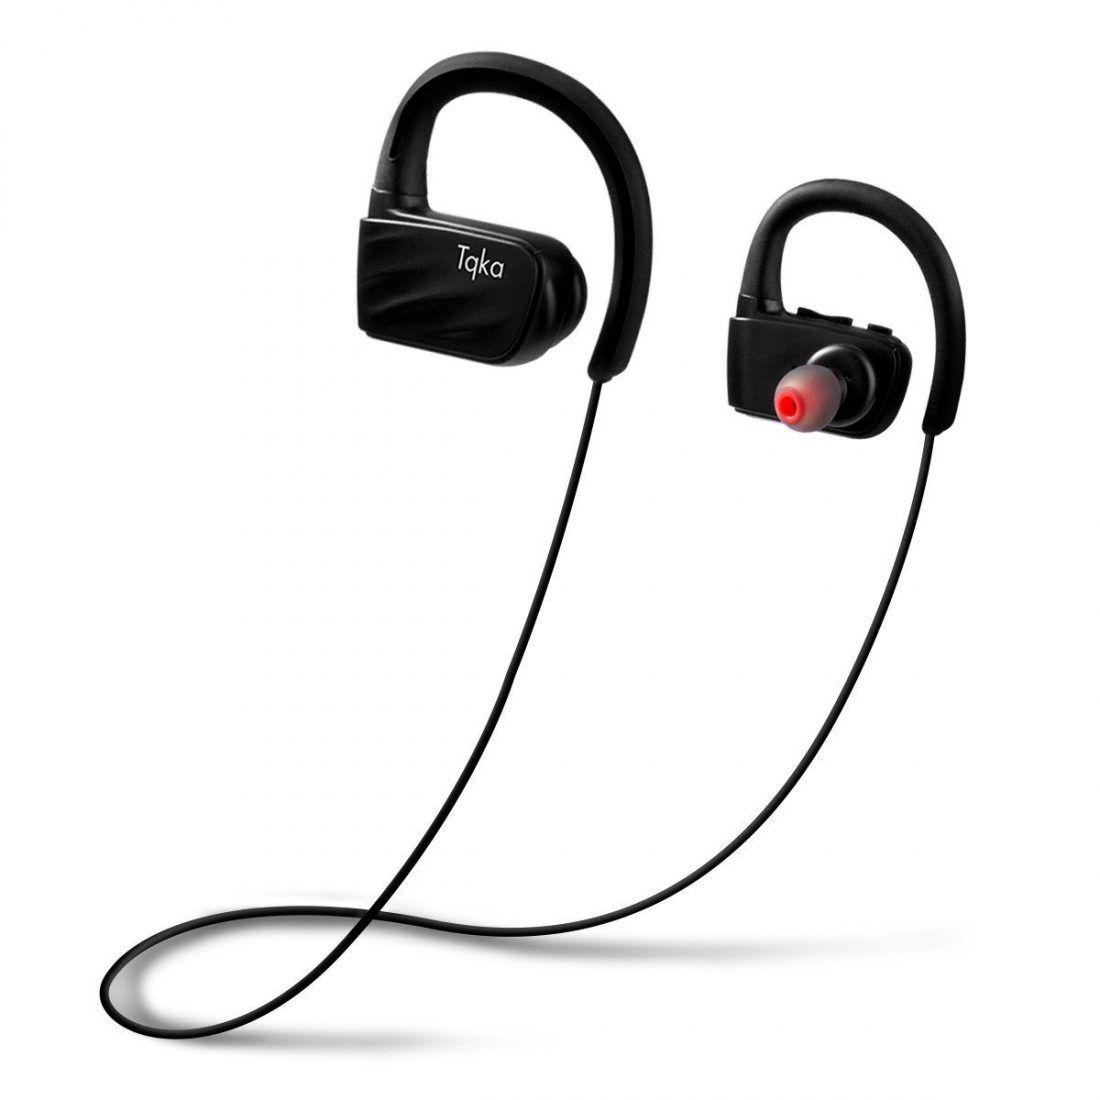 Tqka Écouteurs Bluetooth, Écouteurs Sans fil Imperméables IP67, Écouteurs Bluetooth V4.1 HD Stéréo avec Micro avec 8 heures d